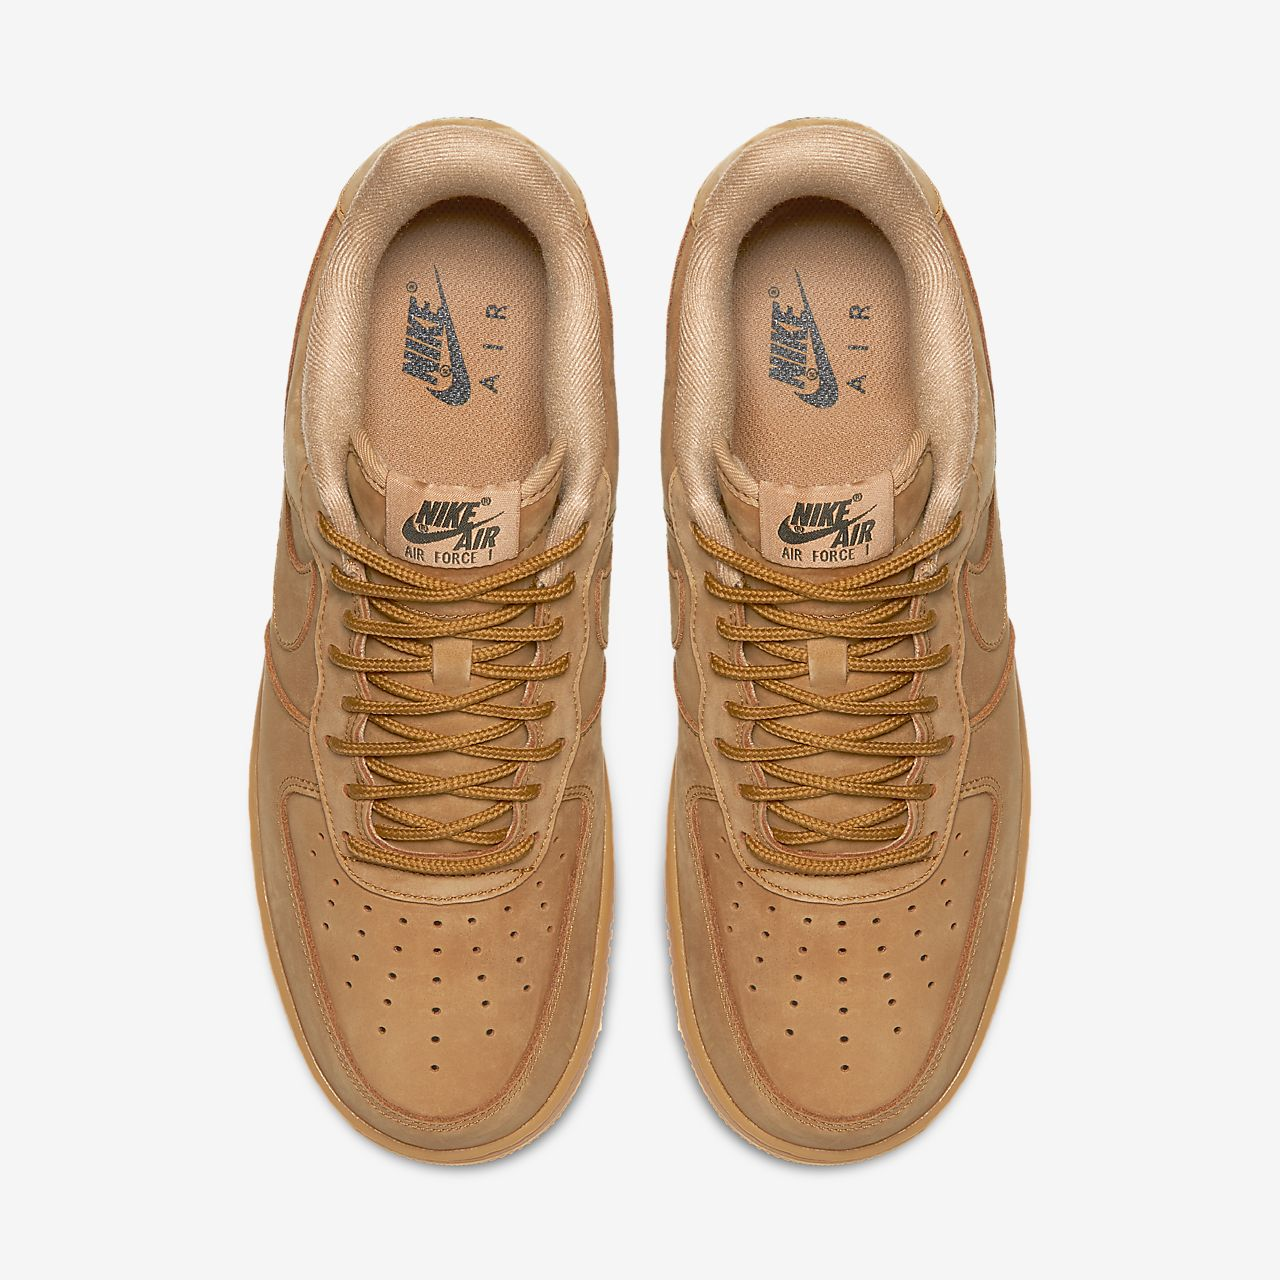 separation shoes 34d7a 88a7e ... Nike Air Force 1  07 WB Men s Shoe